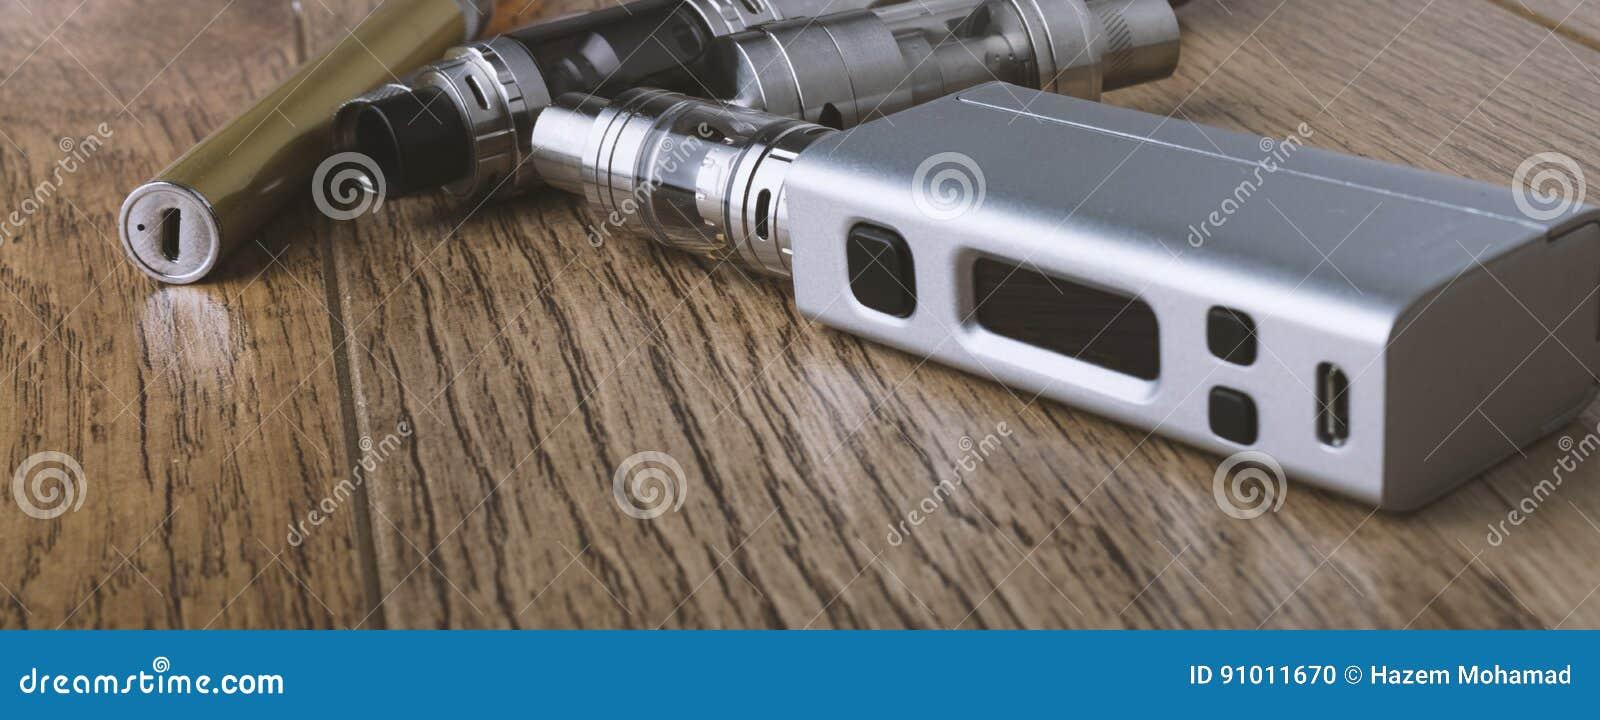 Pluma y dispositivos vaping, mods, atomizadores, cig de e, cigarrillo de Vape de e